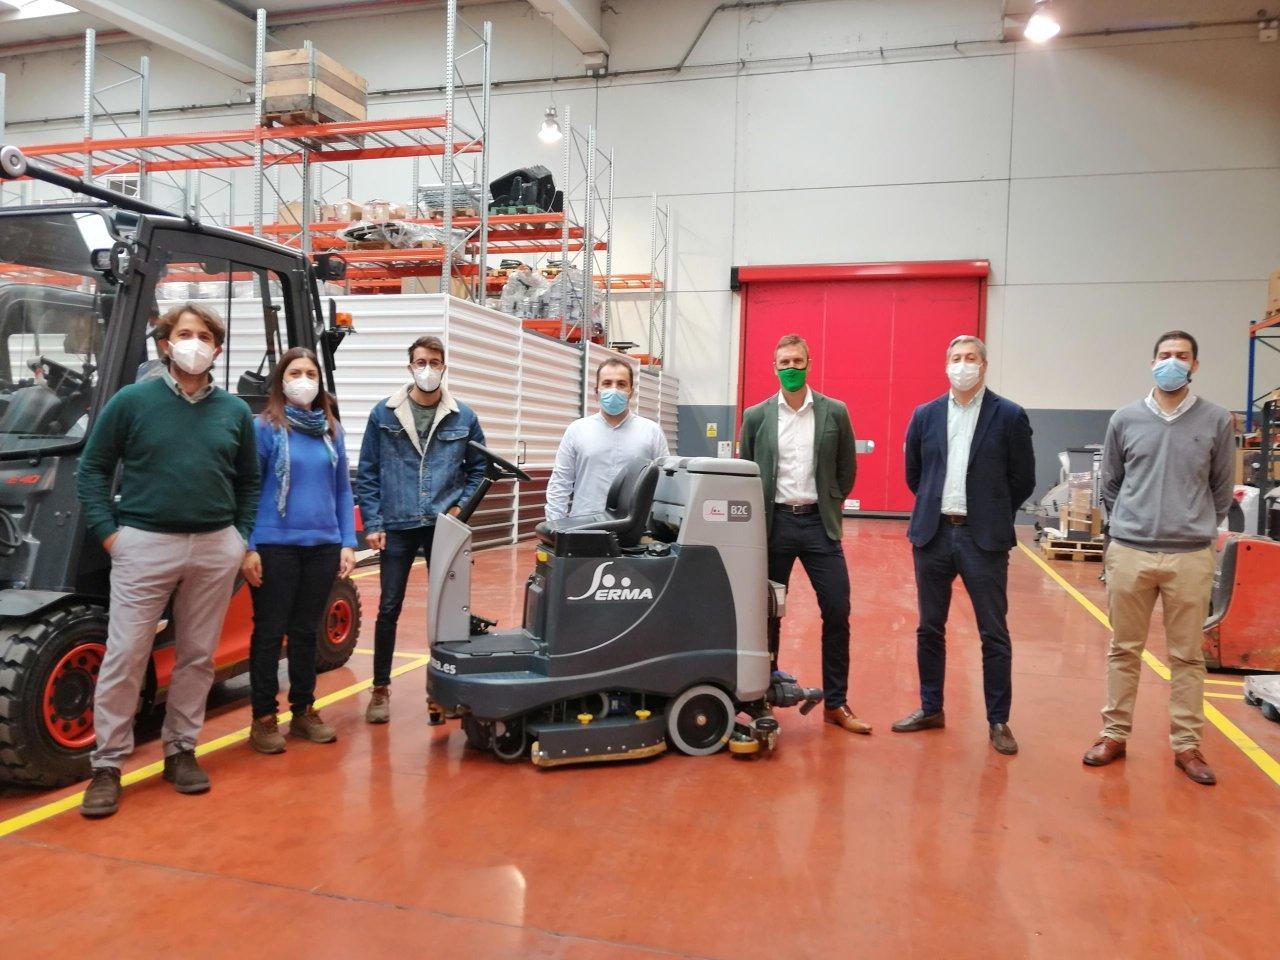 La primera fregadora automatizada del mundo para grandes superficies, diseñada por SERMA e ITAINNOVA, en Aragón TV